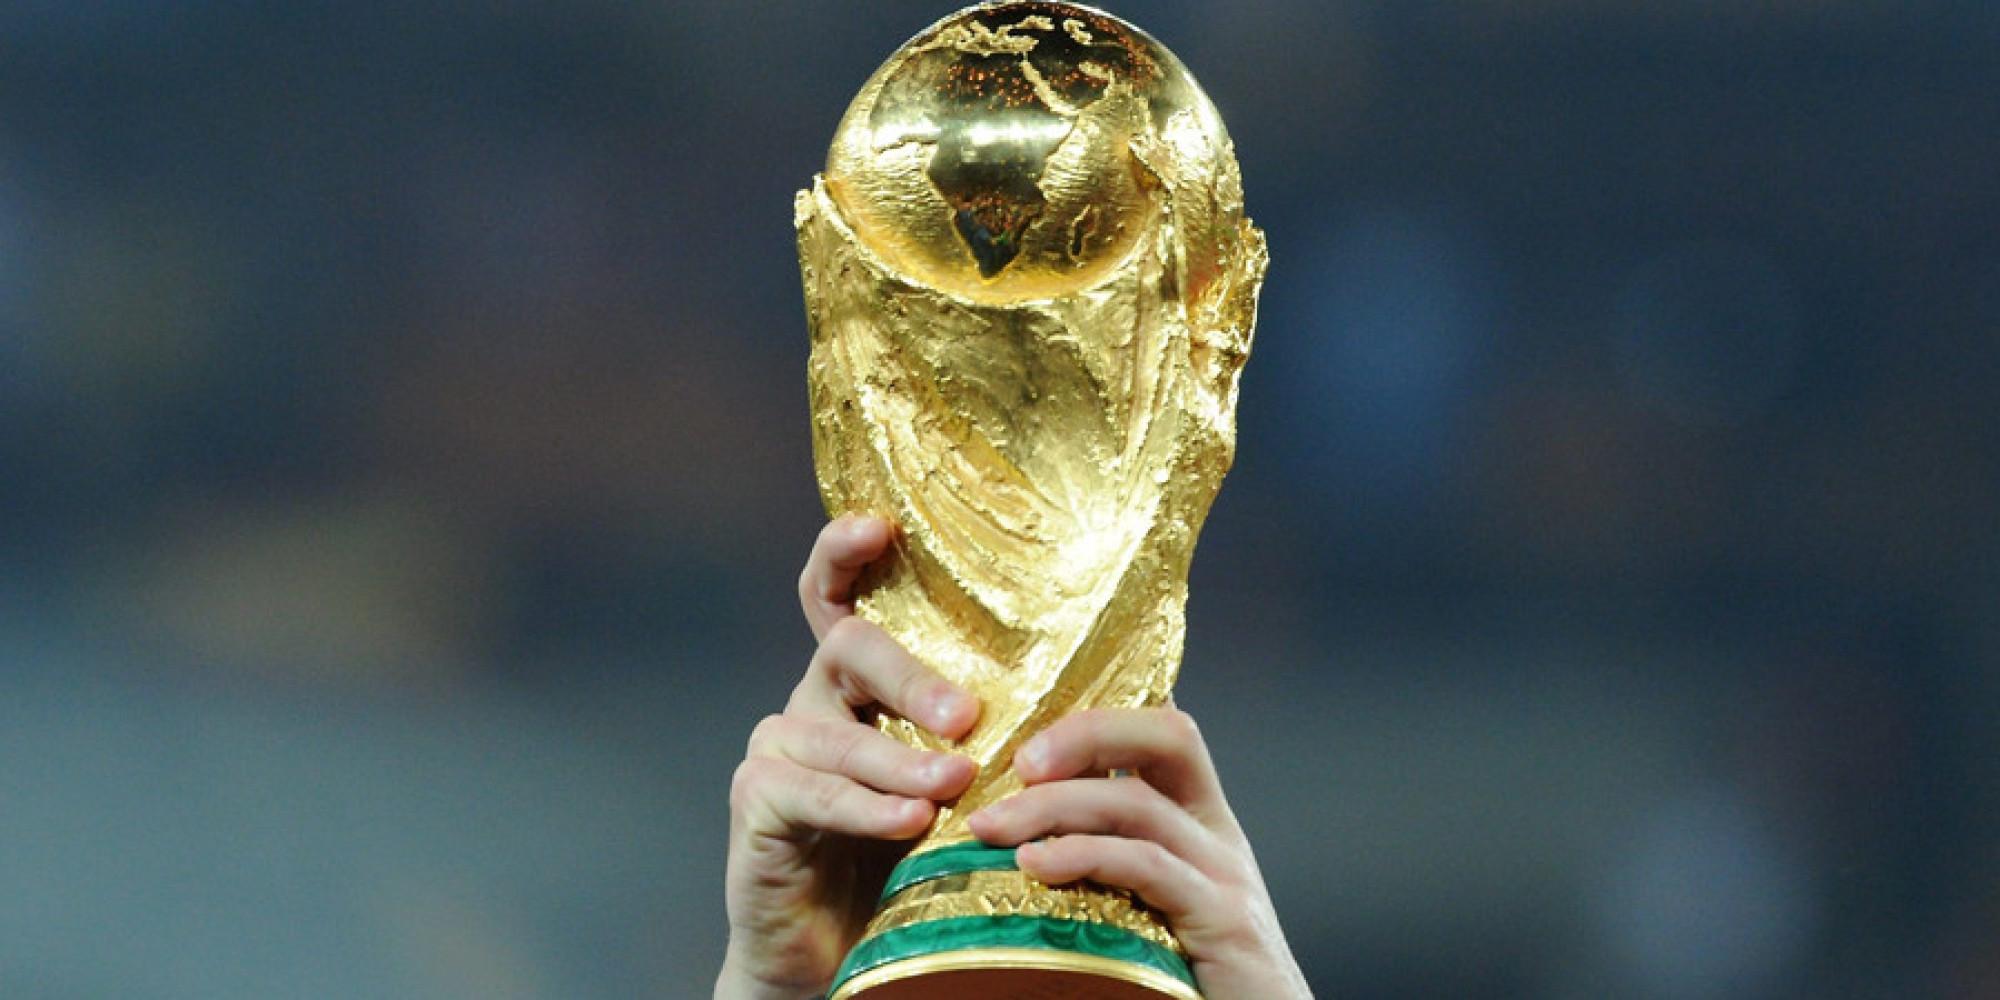 Tunisie cameroun cinq raisons de croire la qualification pour la coupe du monde depuis la - Algerie disqualifie coupe du monde ...